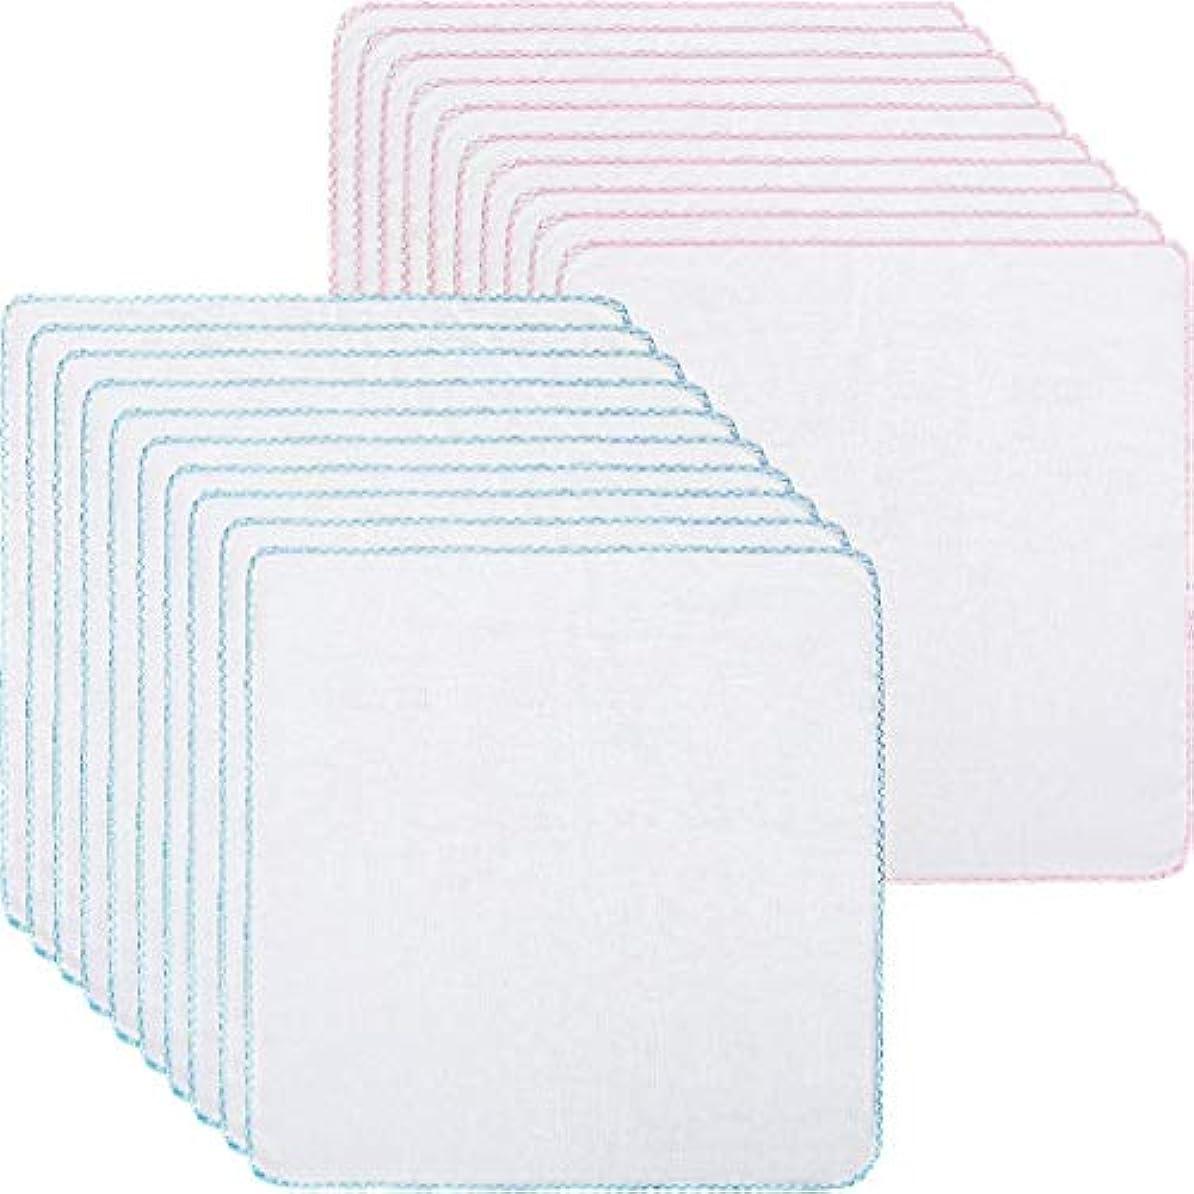 キャンドルパンツ背が高いQuzama-JS 実用的な20ピースピュアコットンフェイシャルクレンジングmuslinクロスソフトフェイシャルクレンジングメイクリムーバー布、青とピンク